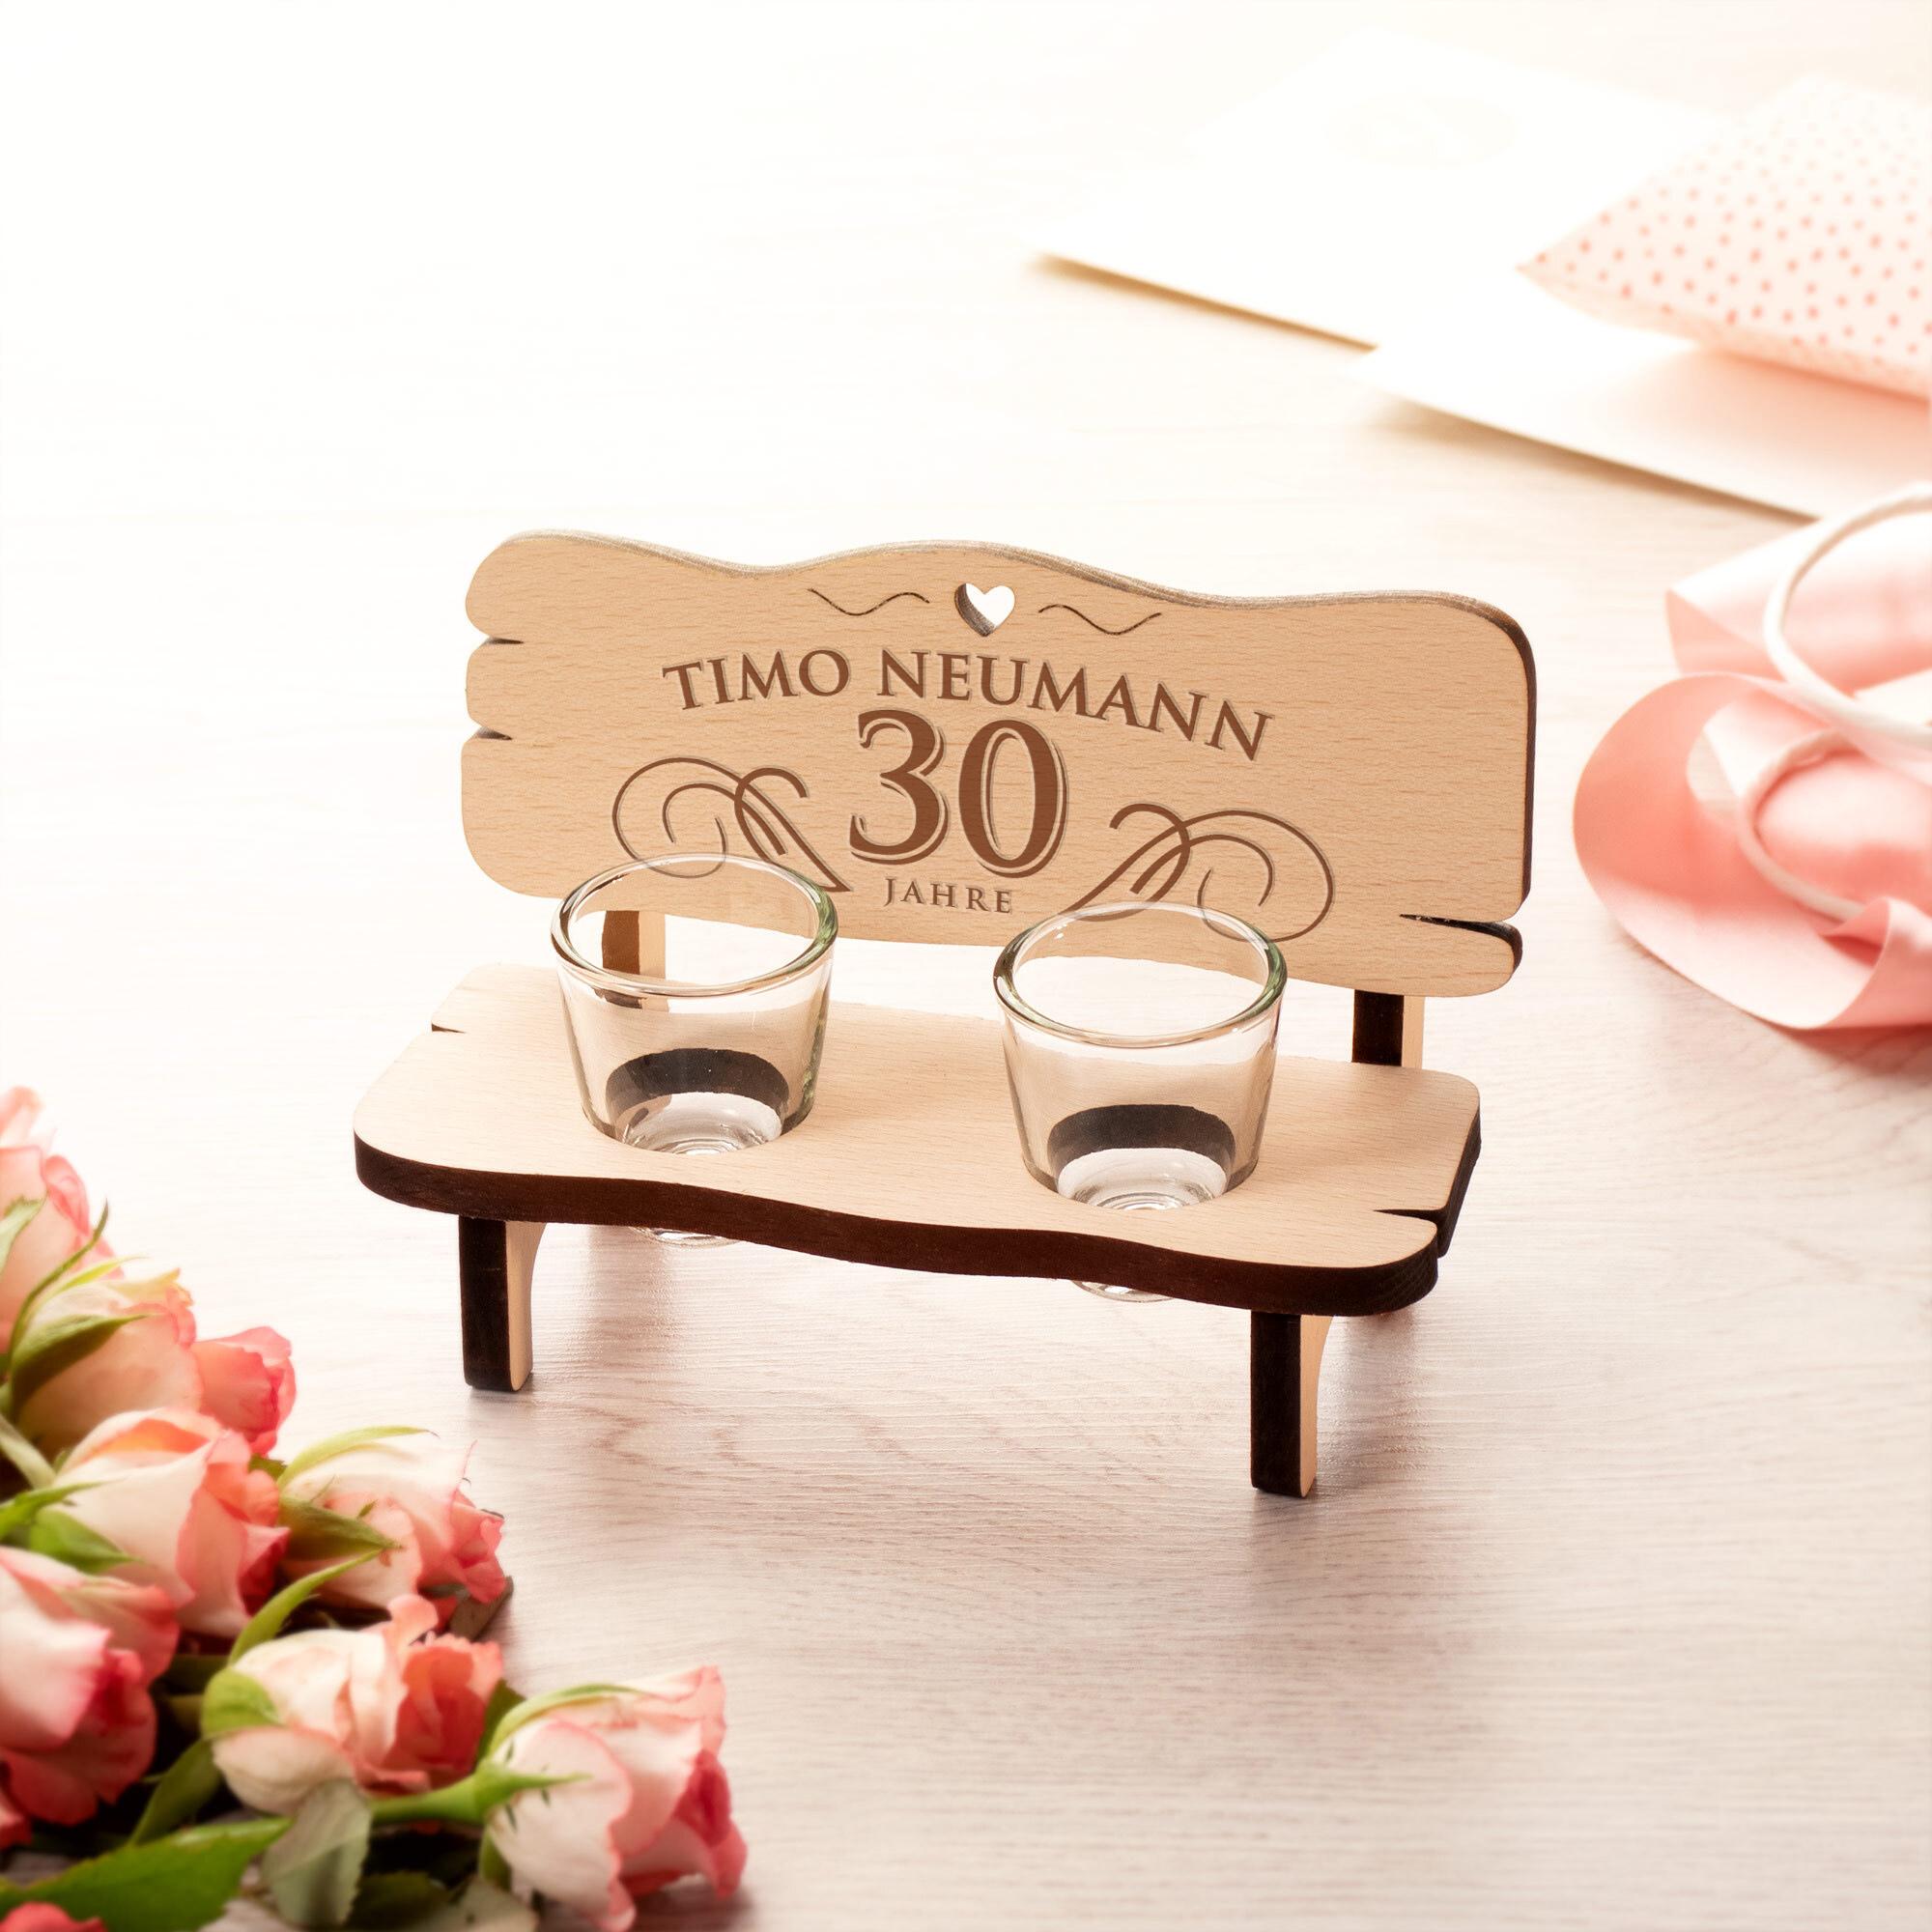 Schnapsbank zum runden Geburtstag - Personalisiert